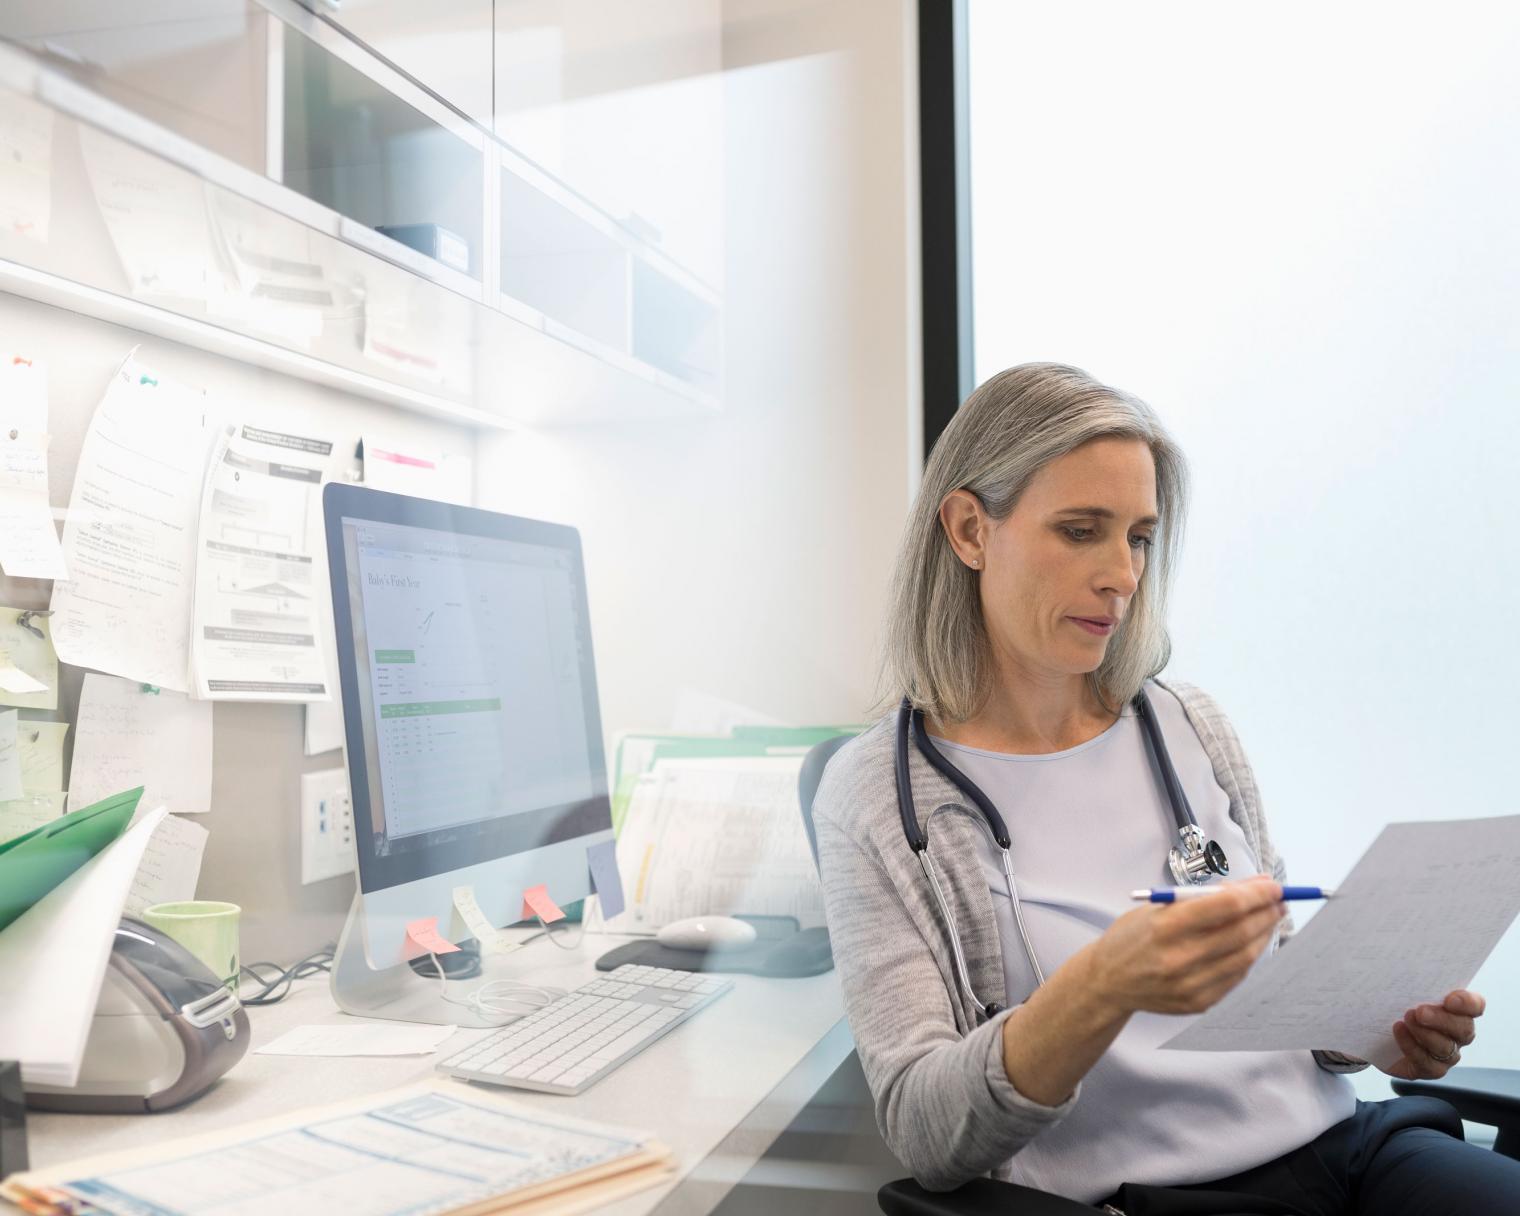 Ärztin beim Überprüfen der Werte